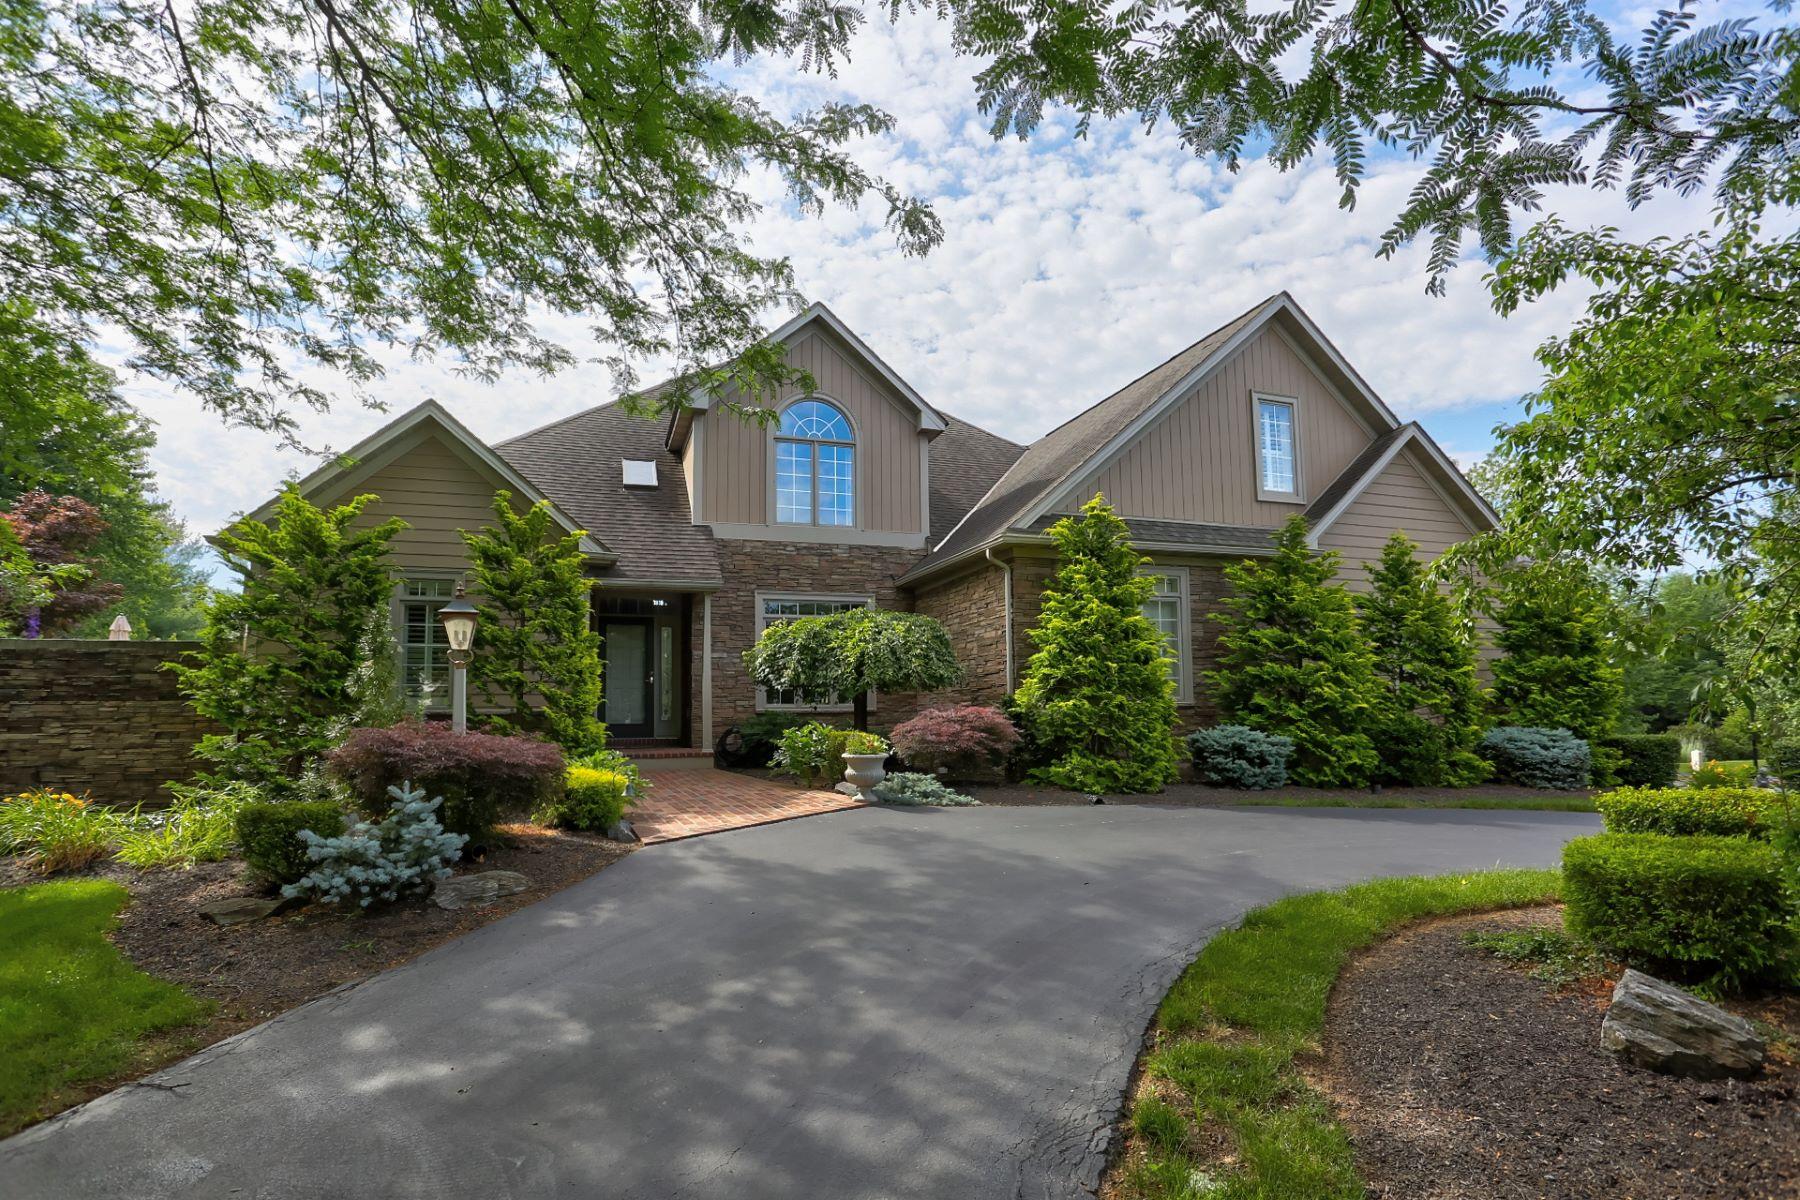 独户住宅 为 出租 在 354 N Farm Drive 立提兹市, 宾夕法尼亚州 17543 美国